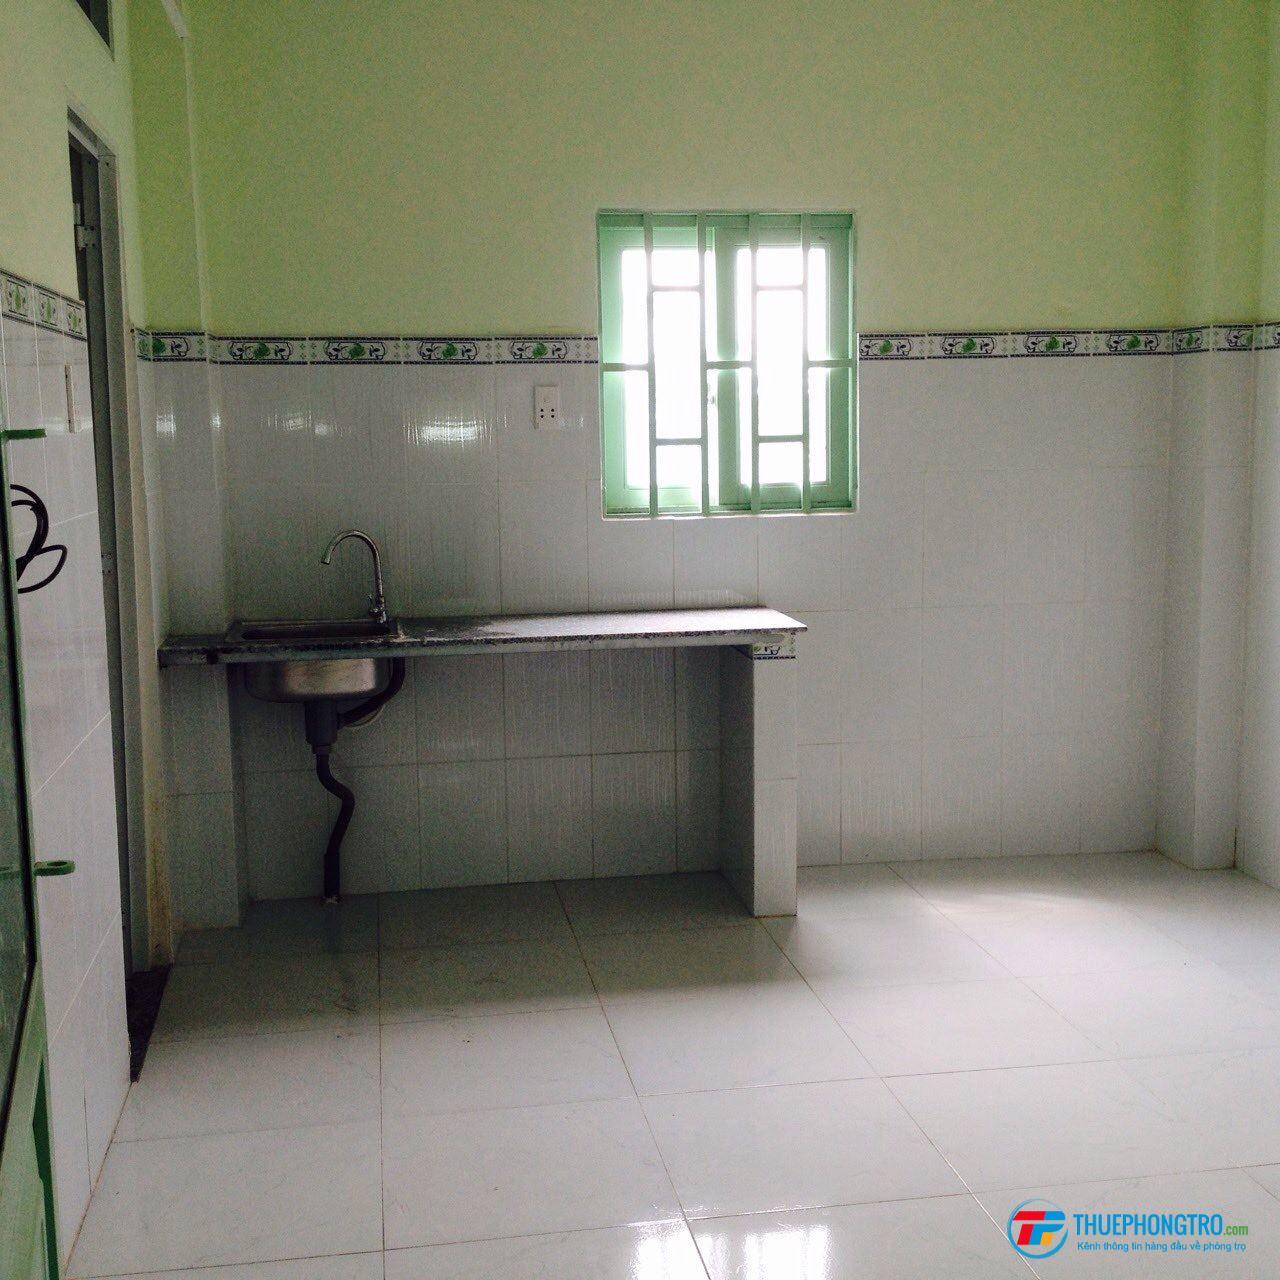 Cho thuê Phòng trọ quận 12 dành cho SV - NVVP, gần Gò Vấp